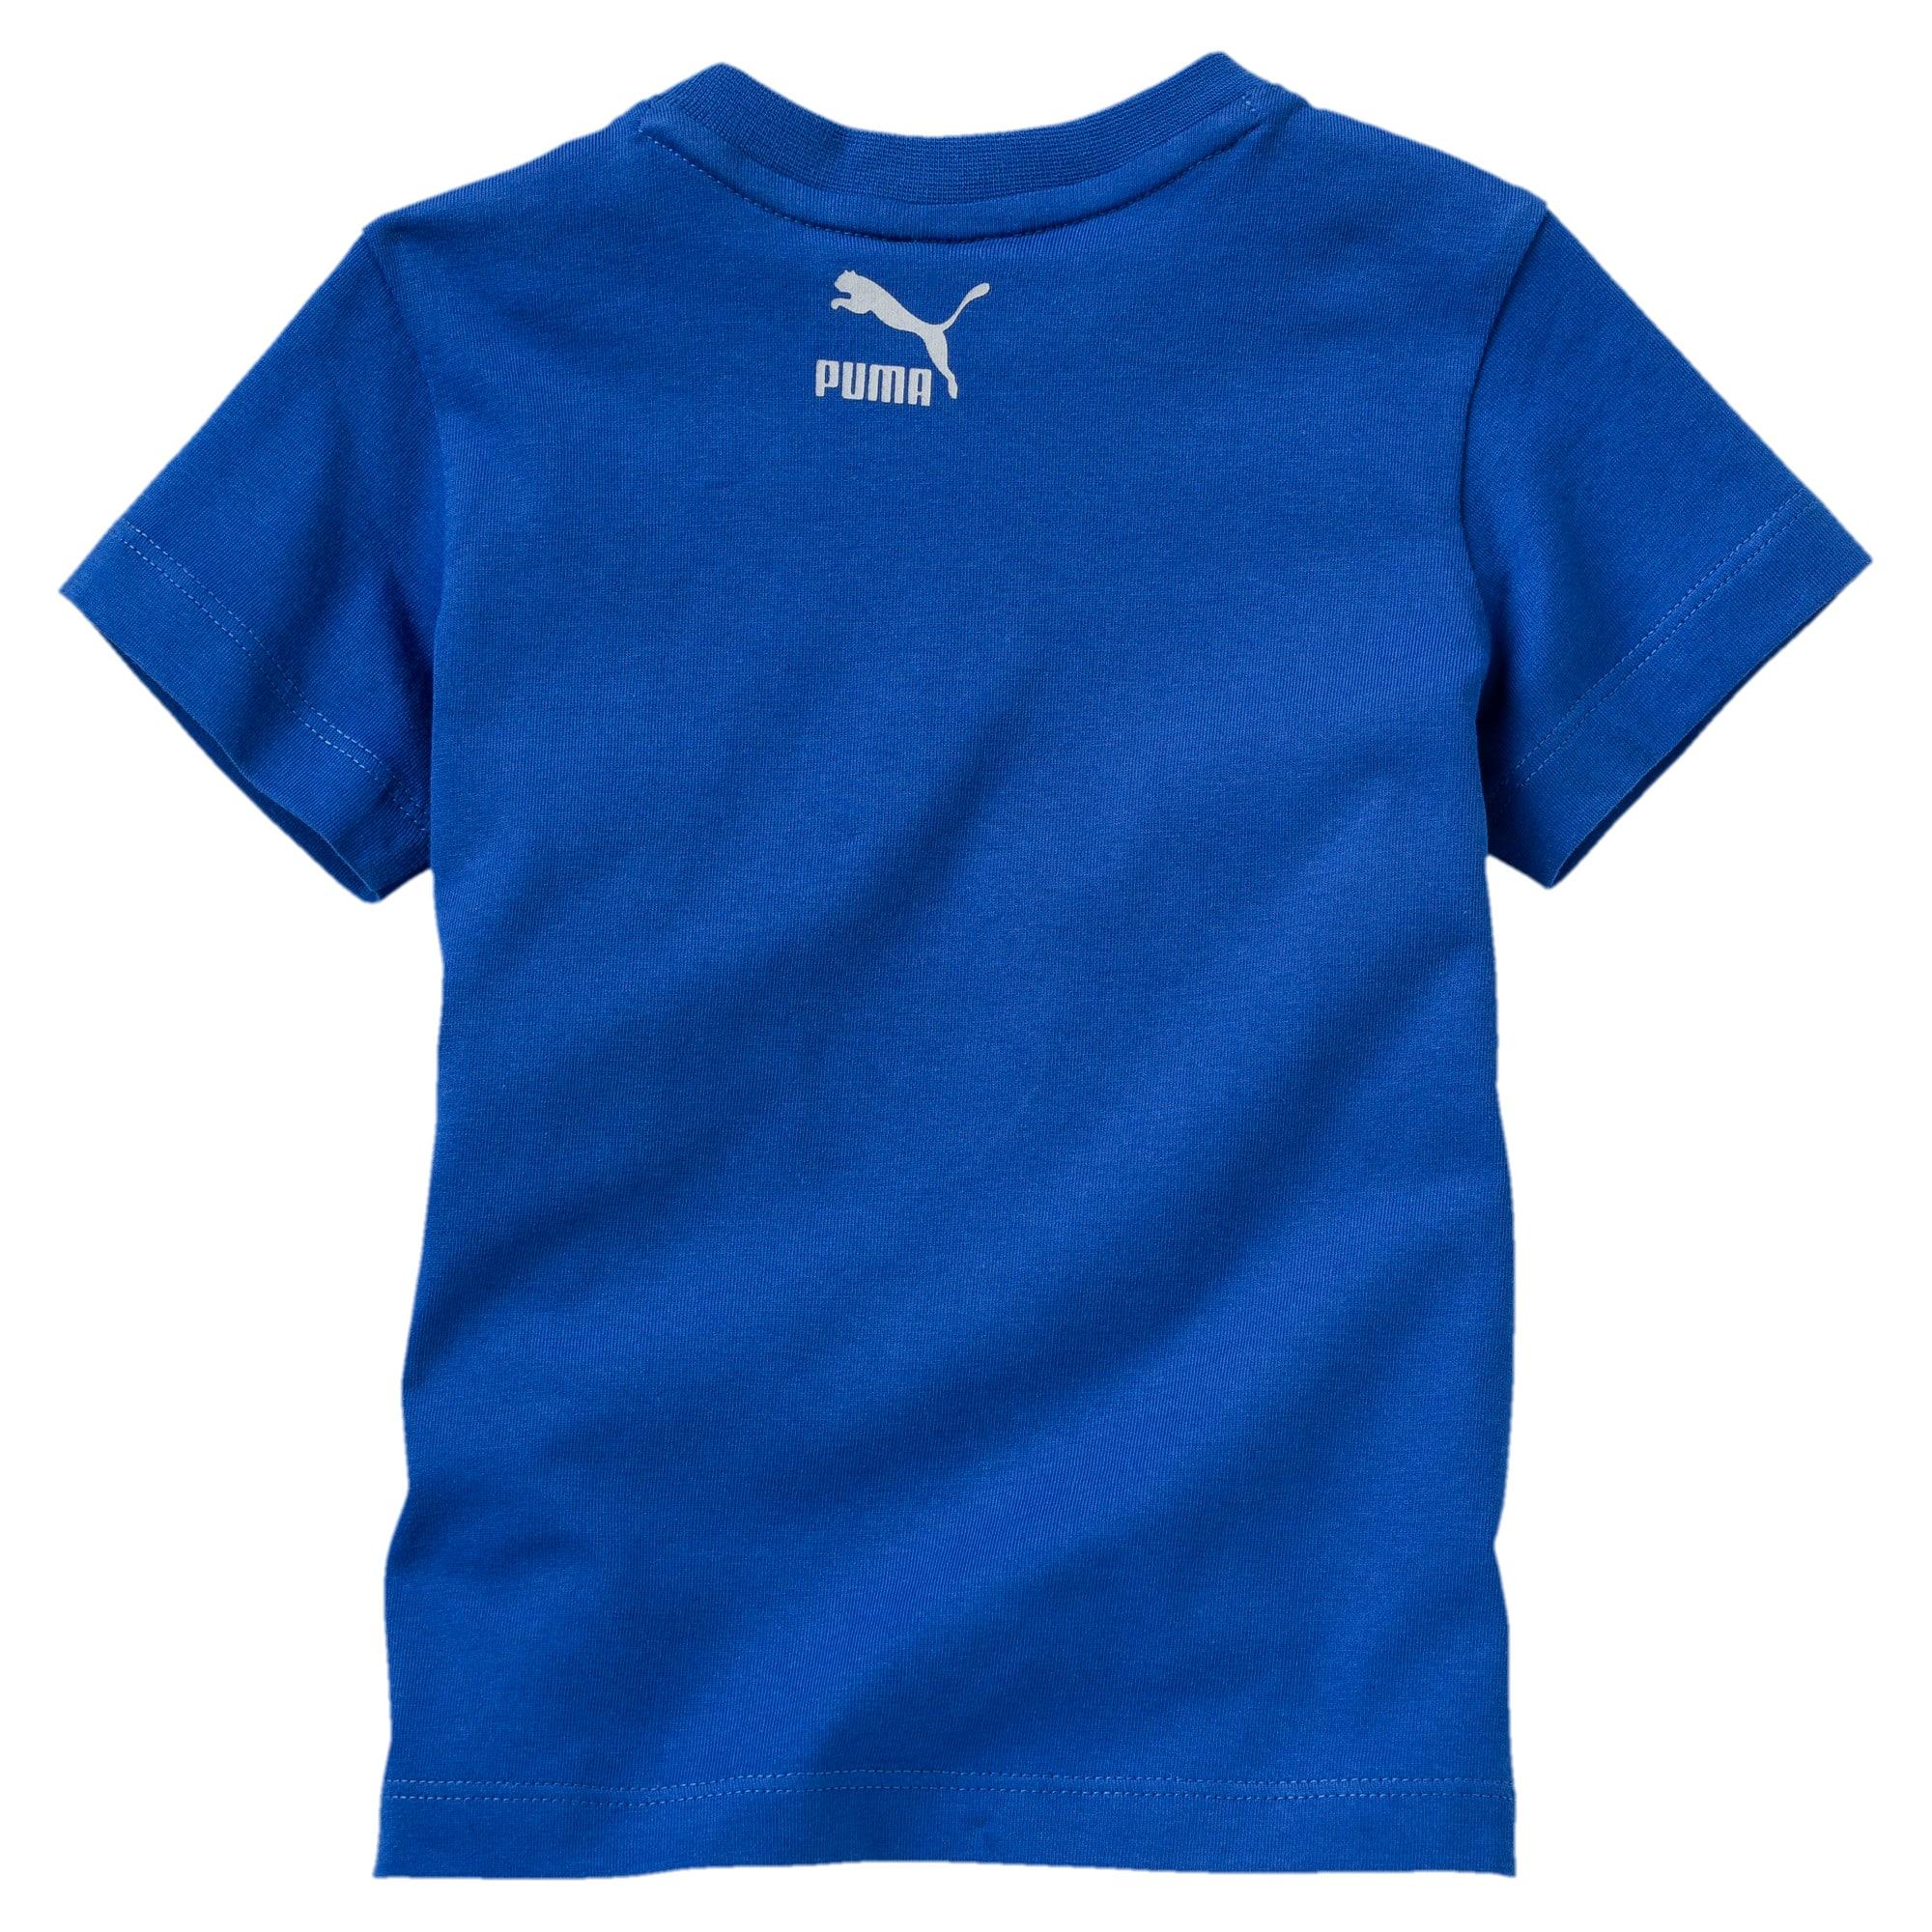 Vignette 4 de T-shirt Monster, nouveau-né + tout-petit, Galaxy Blue, moyen